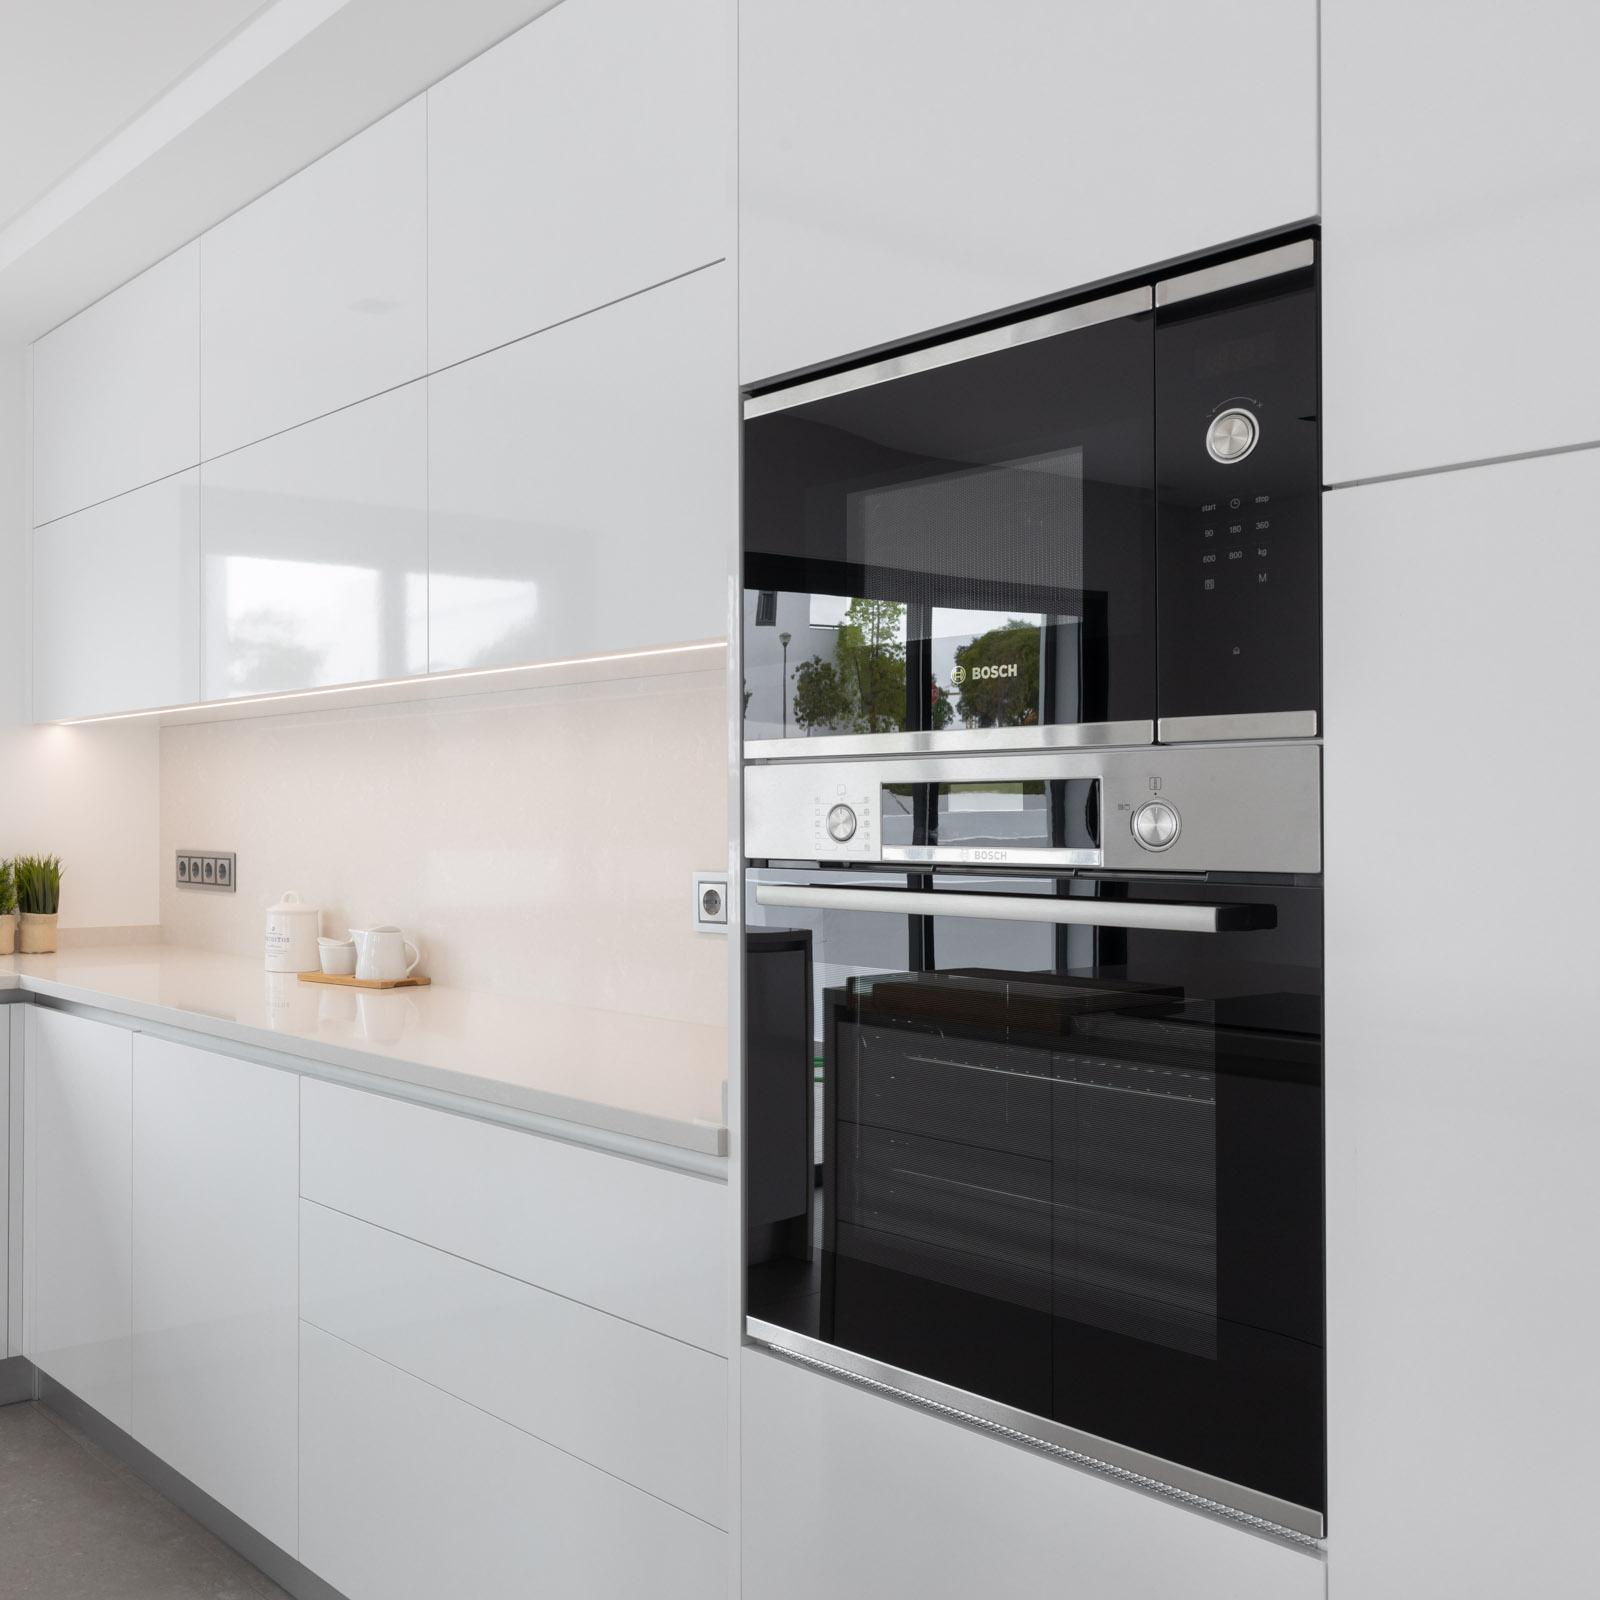 Coluna com forno e micro-ondas Bosch em cozinha branca